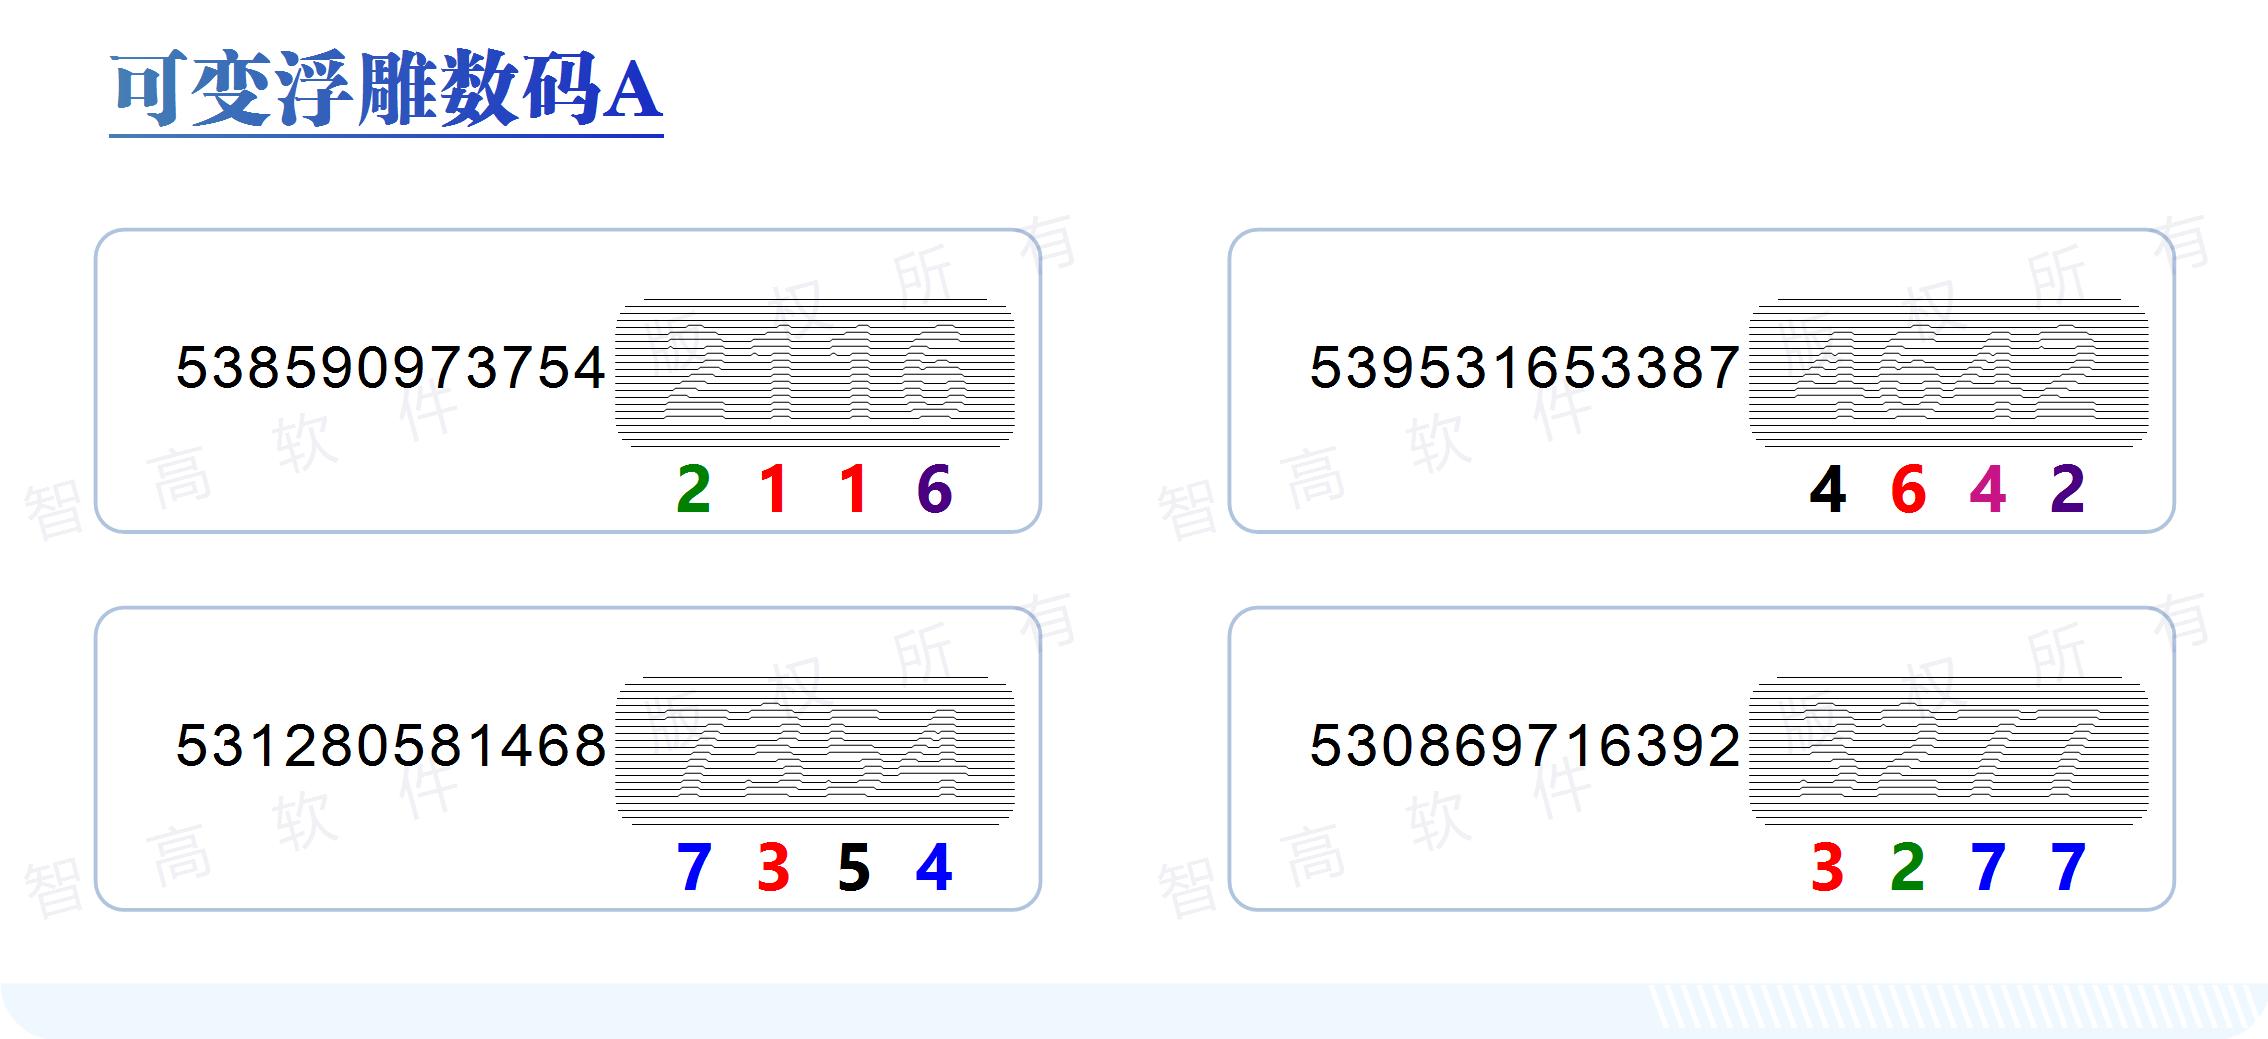 数码印刷 防伪印刷 输出软件  可变动浮雕超线数码